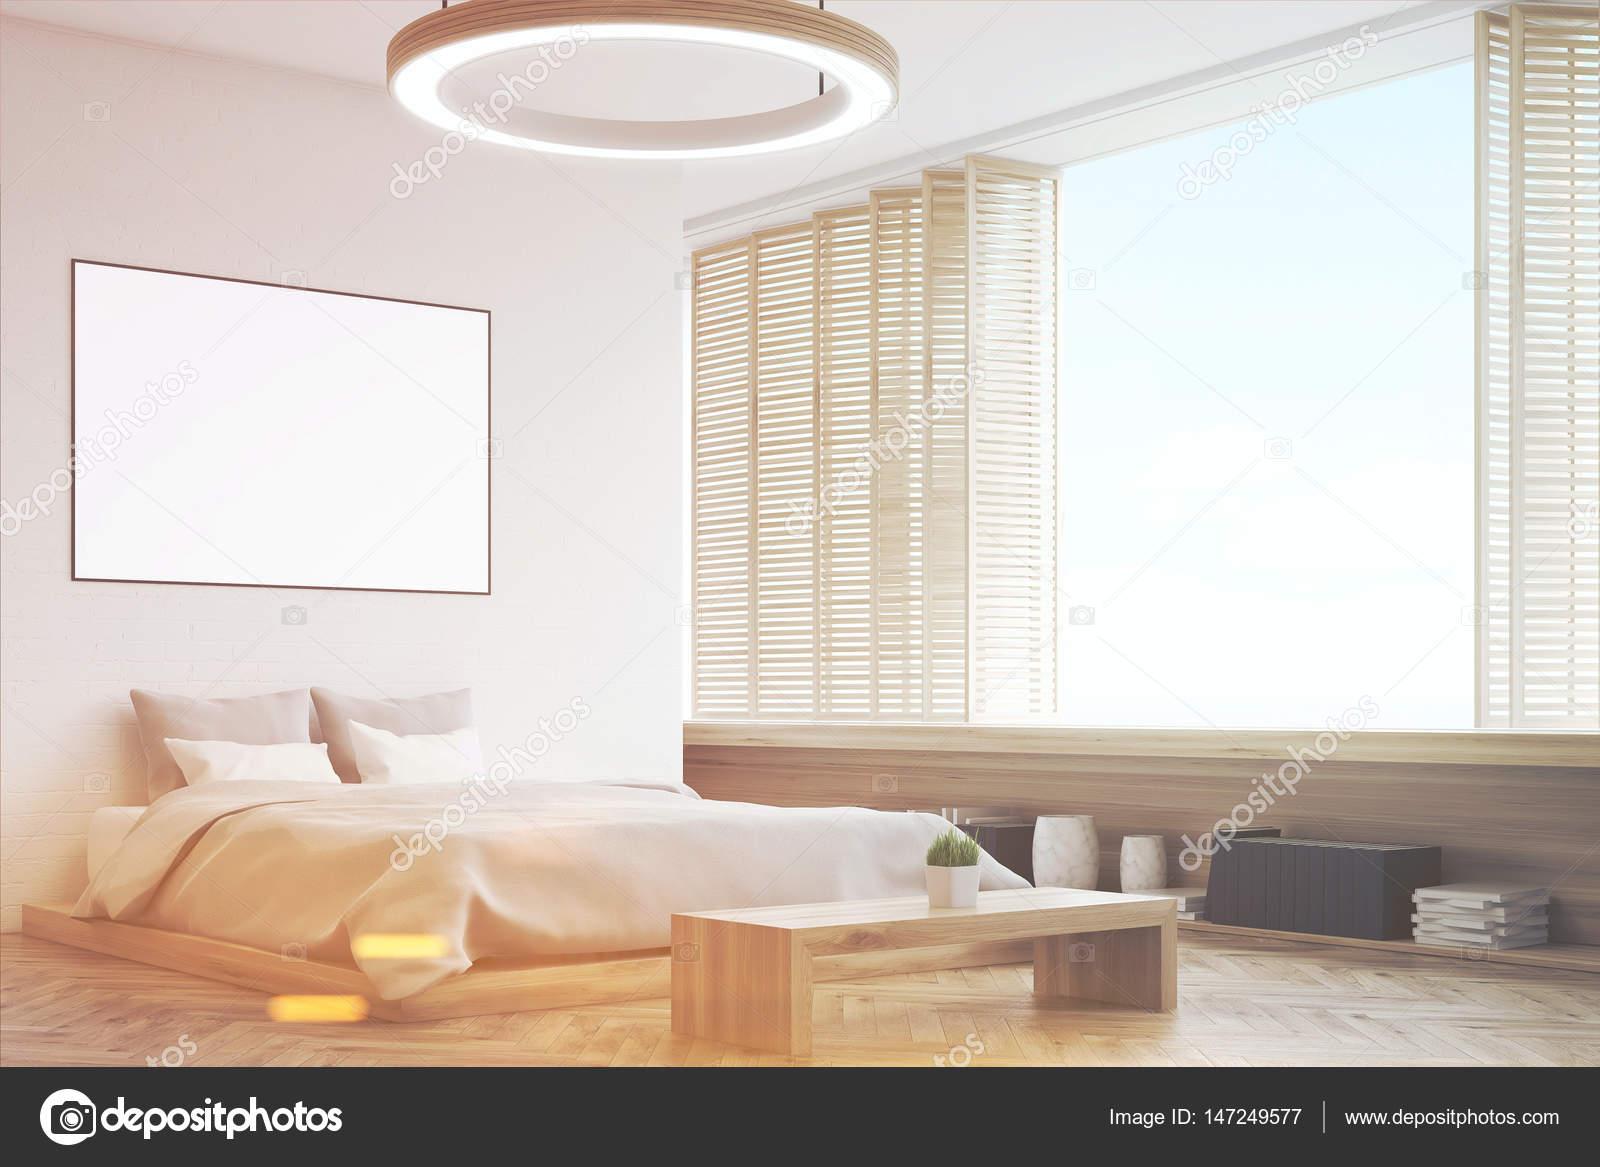 Hoek van een slaapkamer met een bankje, afgezwakt — Stockfoto ...